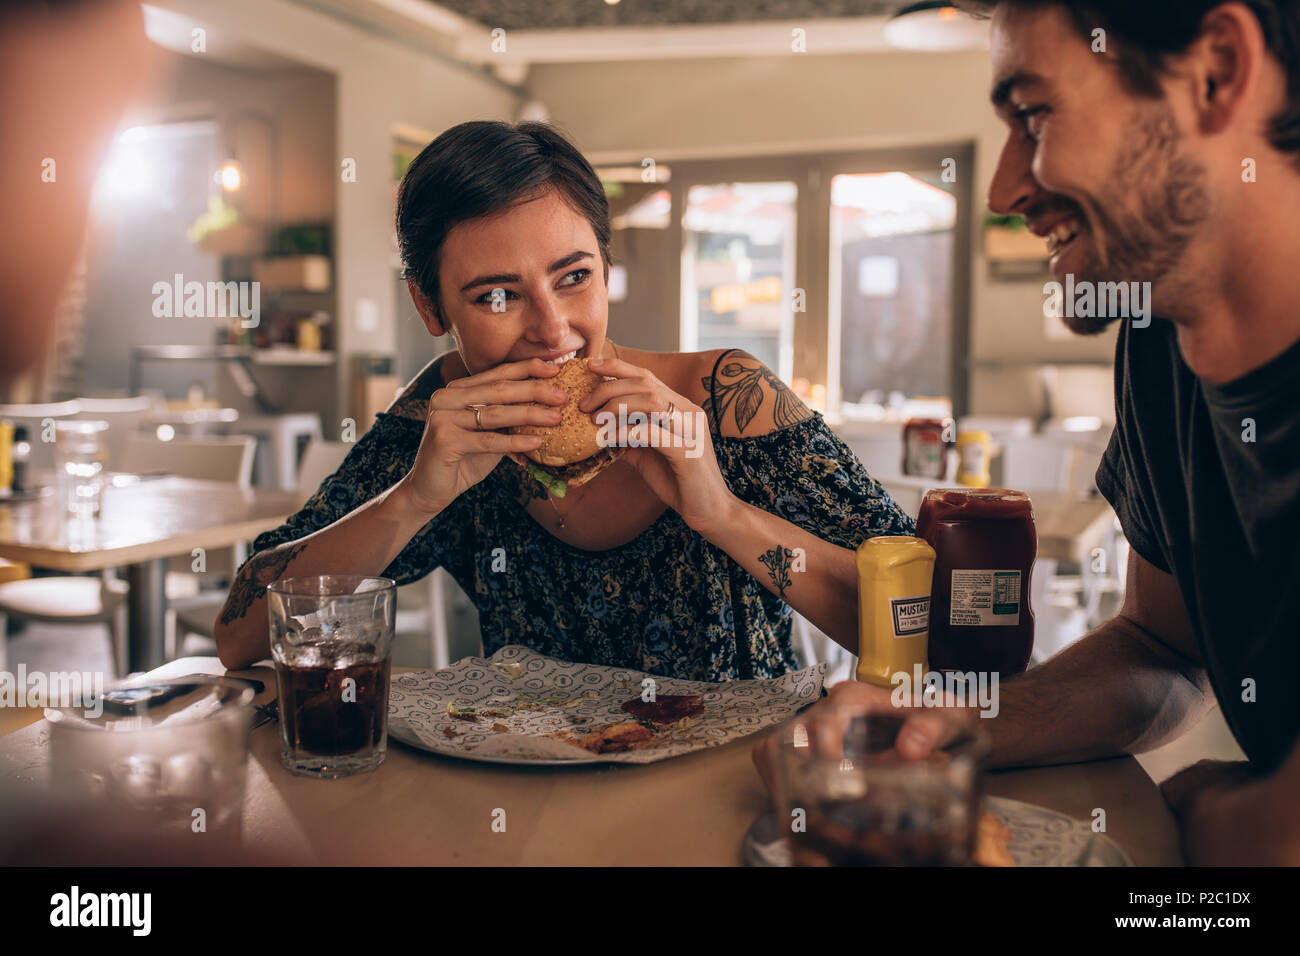 Giovane donna di mangiare hamburger seduti con gli amici presso il ristorante. I giovani in chat e mangiare hamburger al cafe. Immagini Stock